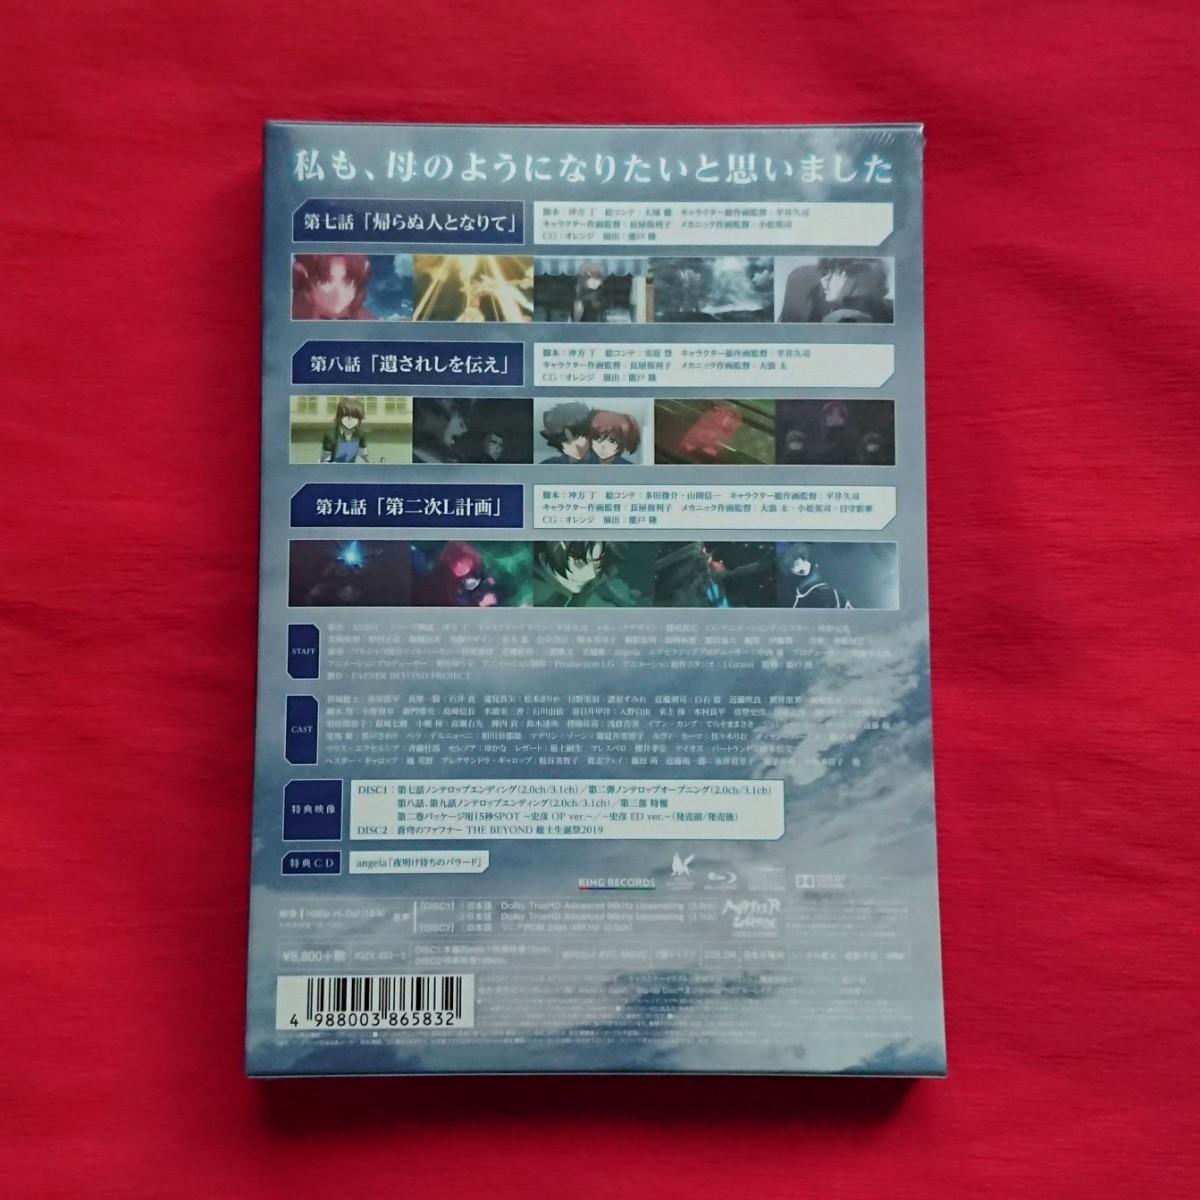 BD 蒼穹のファフナー THE BEYOND 3 (Blu-ray Disc) [キングレコード] 新品未開封